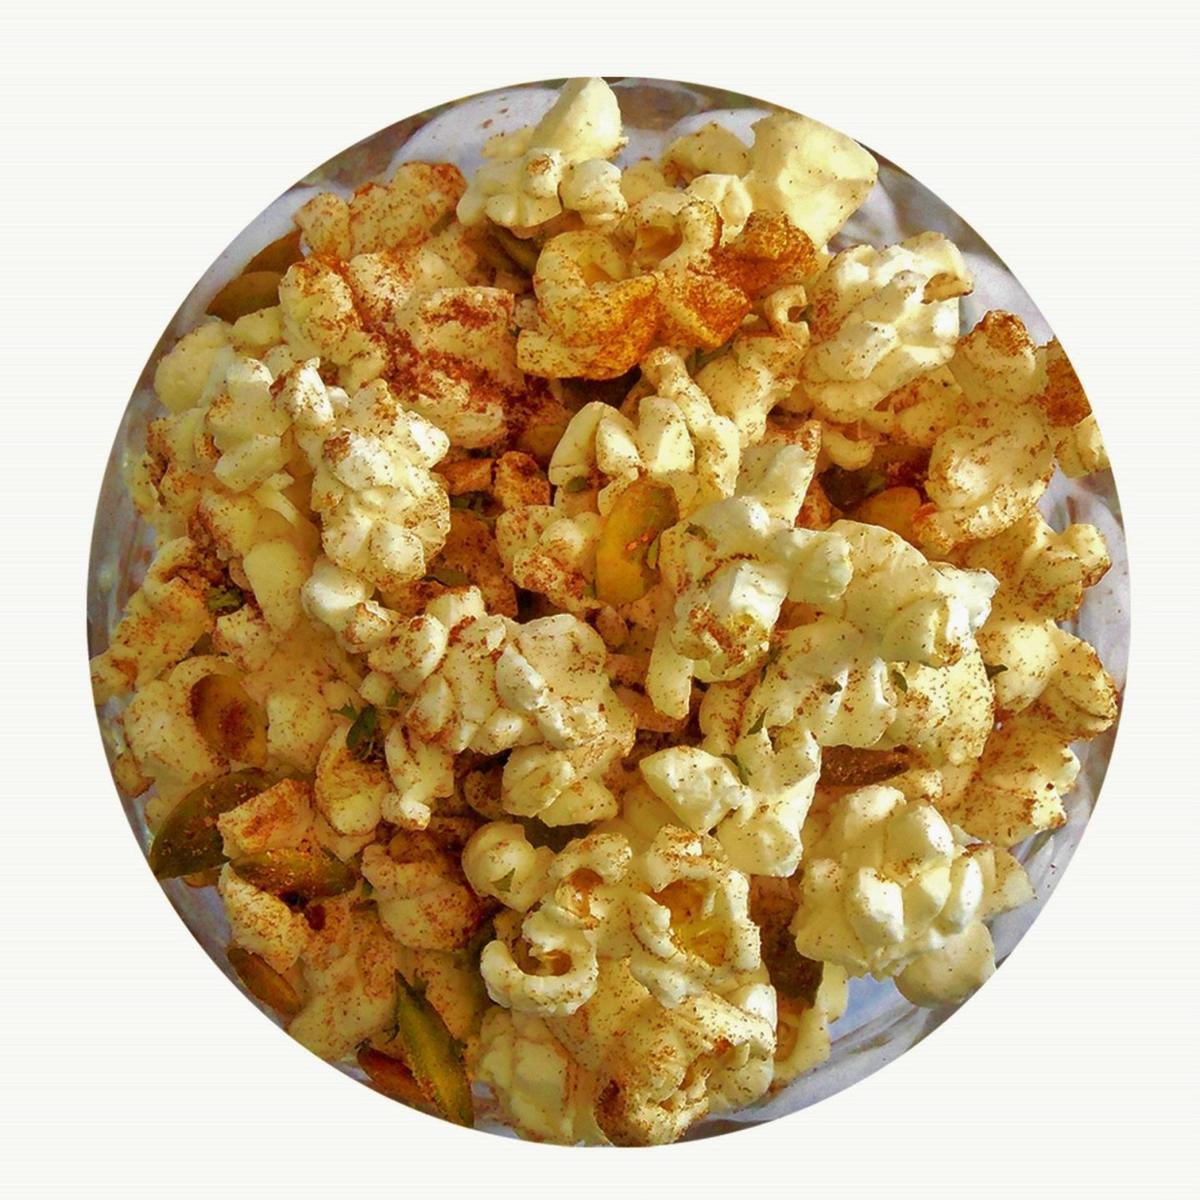 Smoky Spanish Almond Popcorn with pepitas